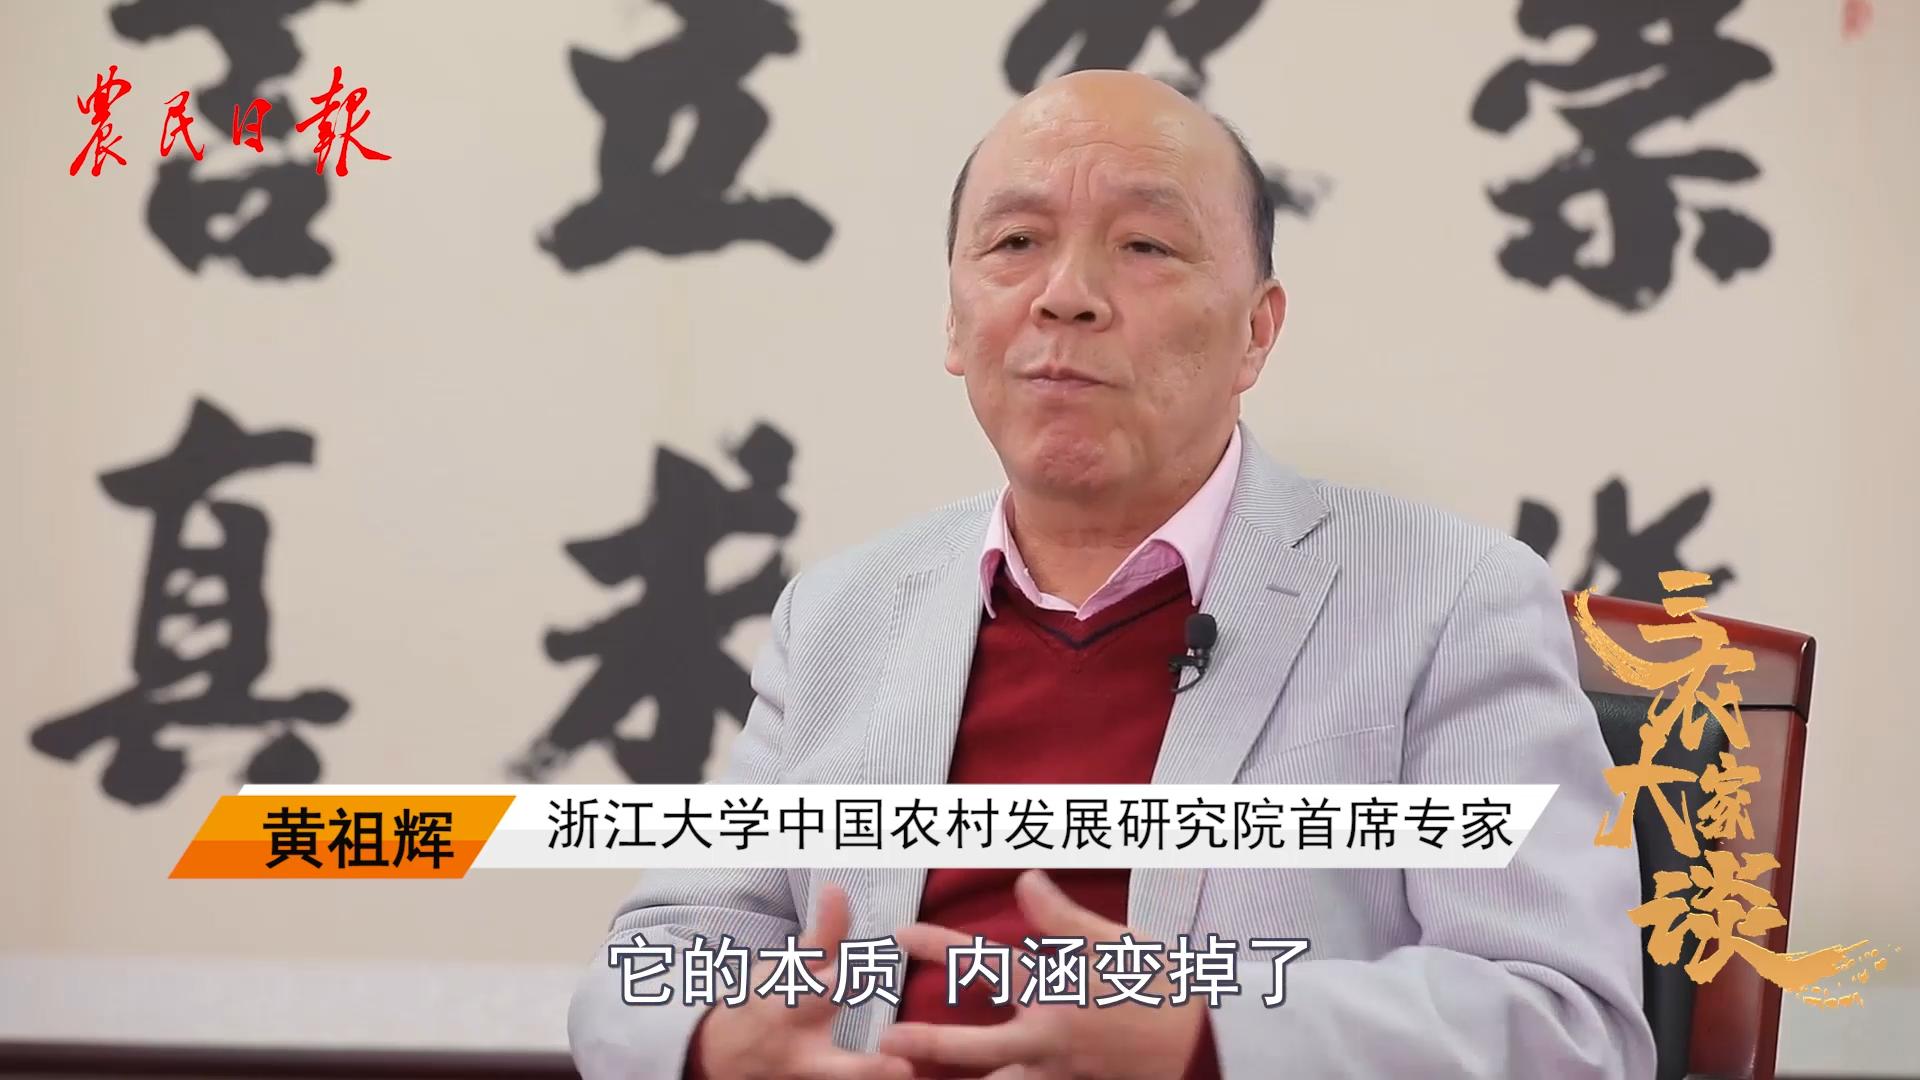 【三农大家谈】第2季第6期:黄祖辉(中)